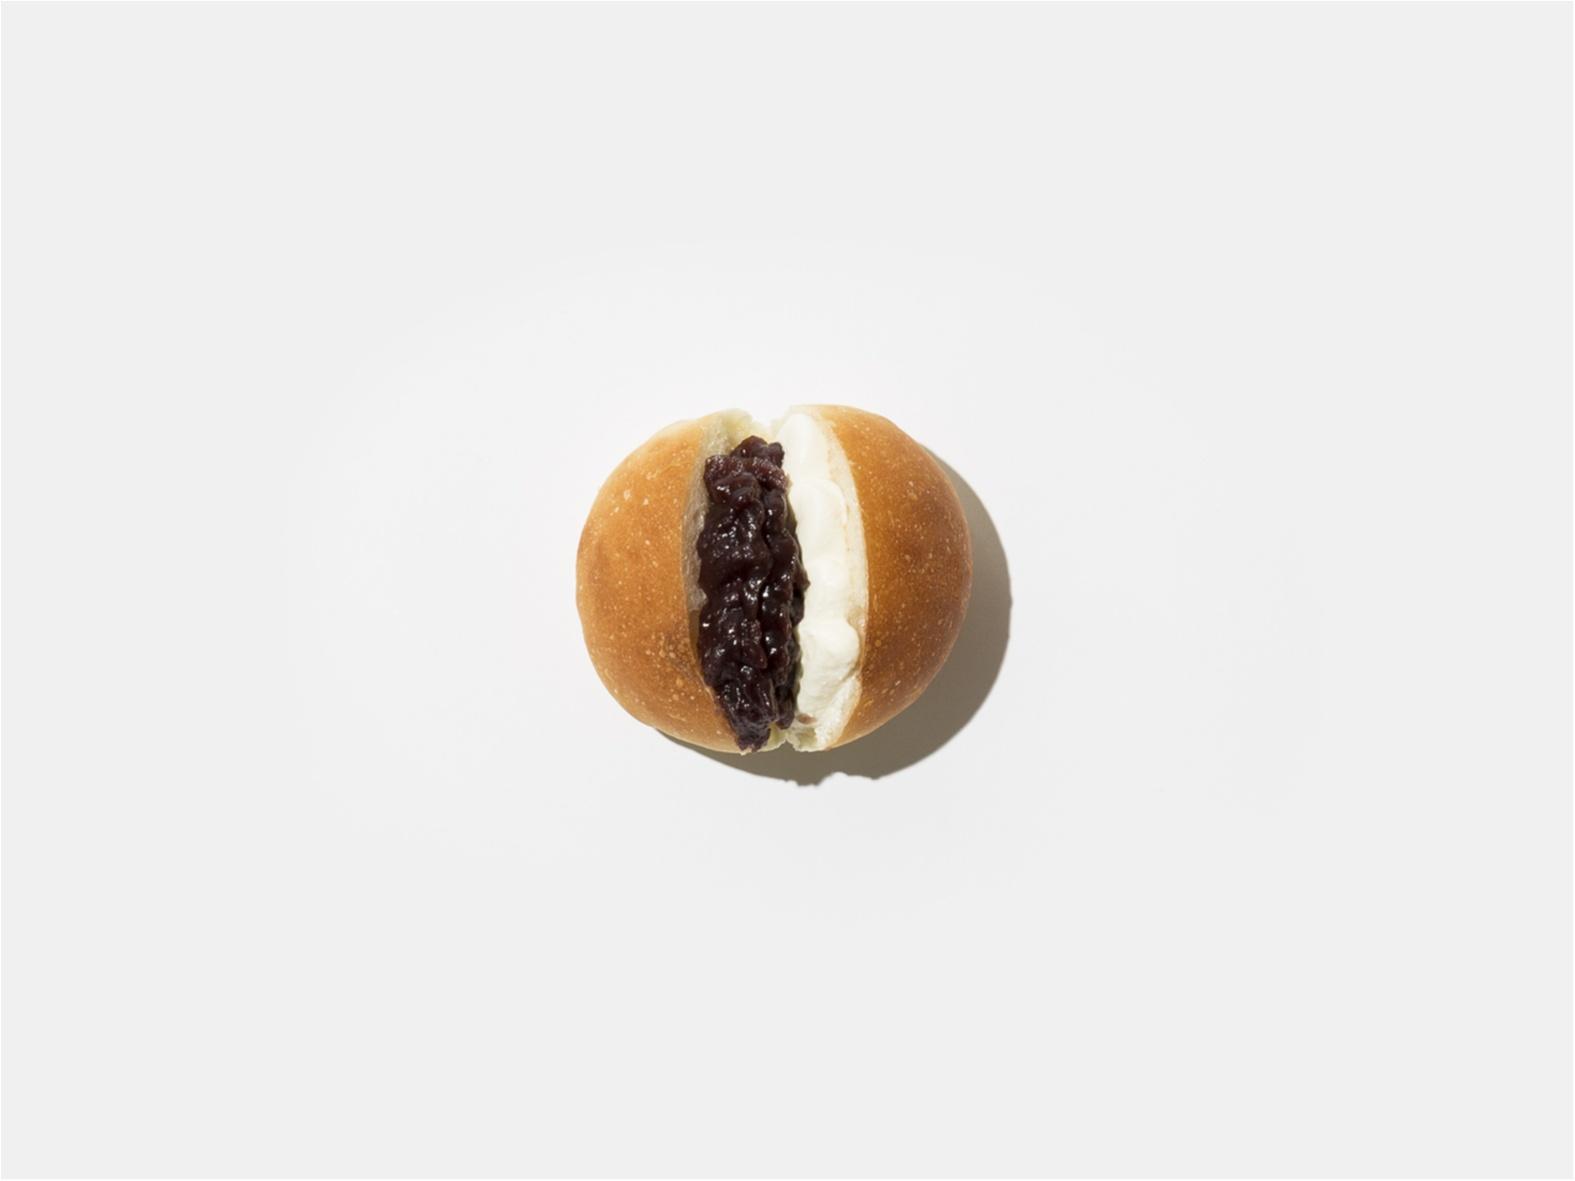 文具メーカー『コクヨ』発のショップ&カフェ「THINK OF THINGS」で見つけたMORE的おすすめアイテム&フードはコレ!_5_1